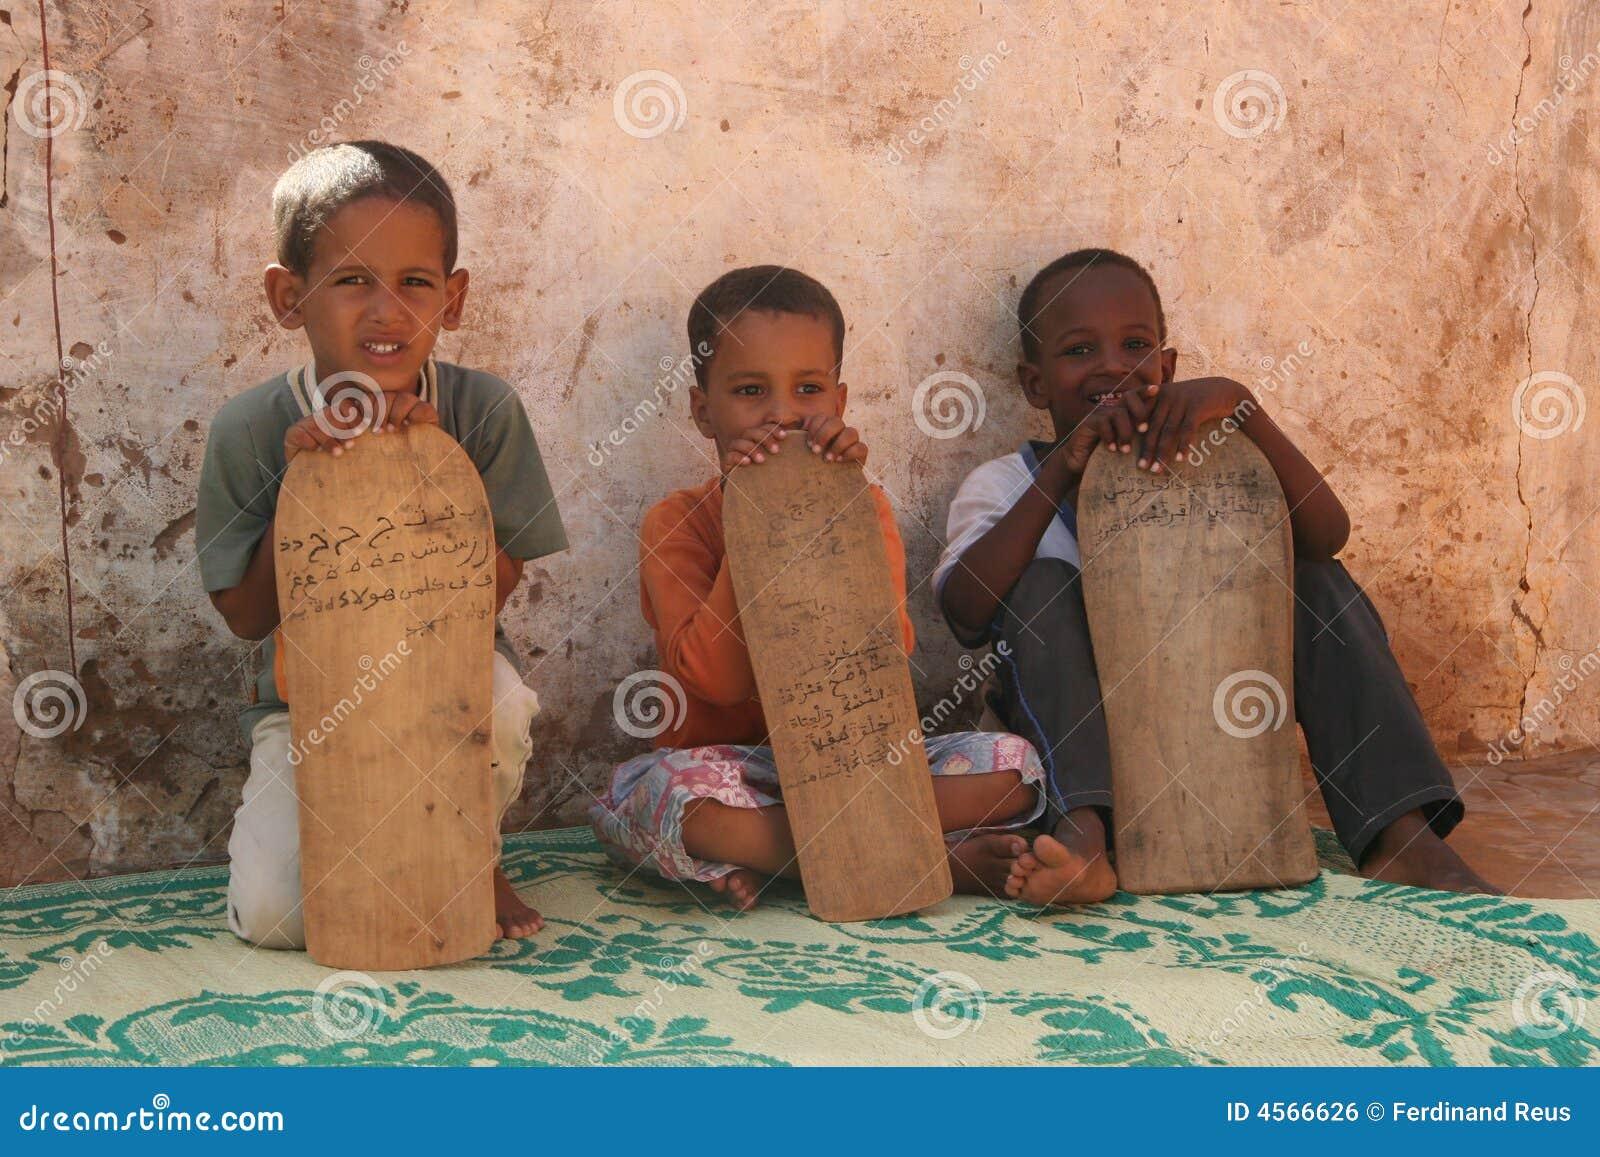 Koran classes